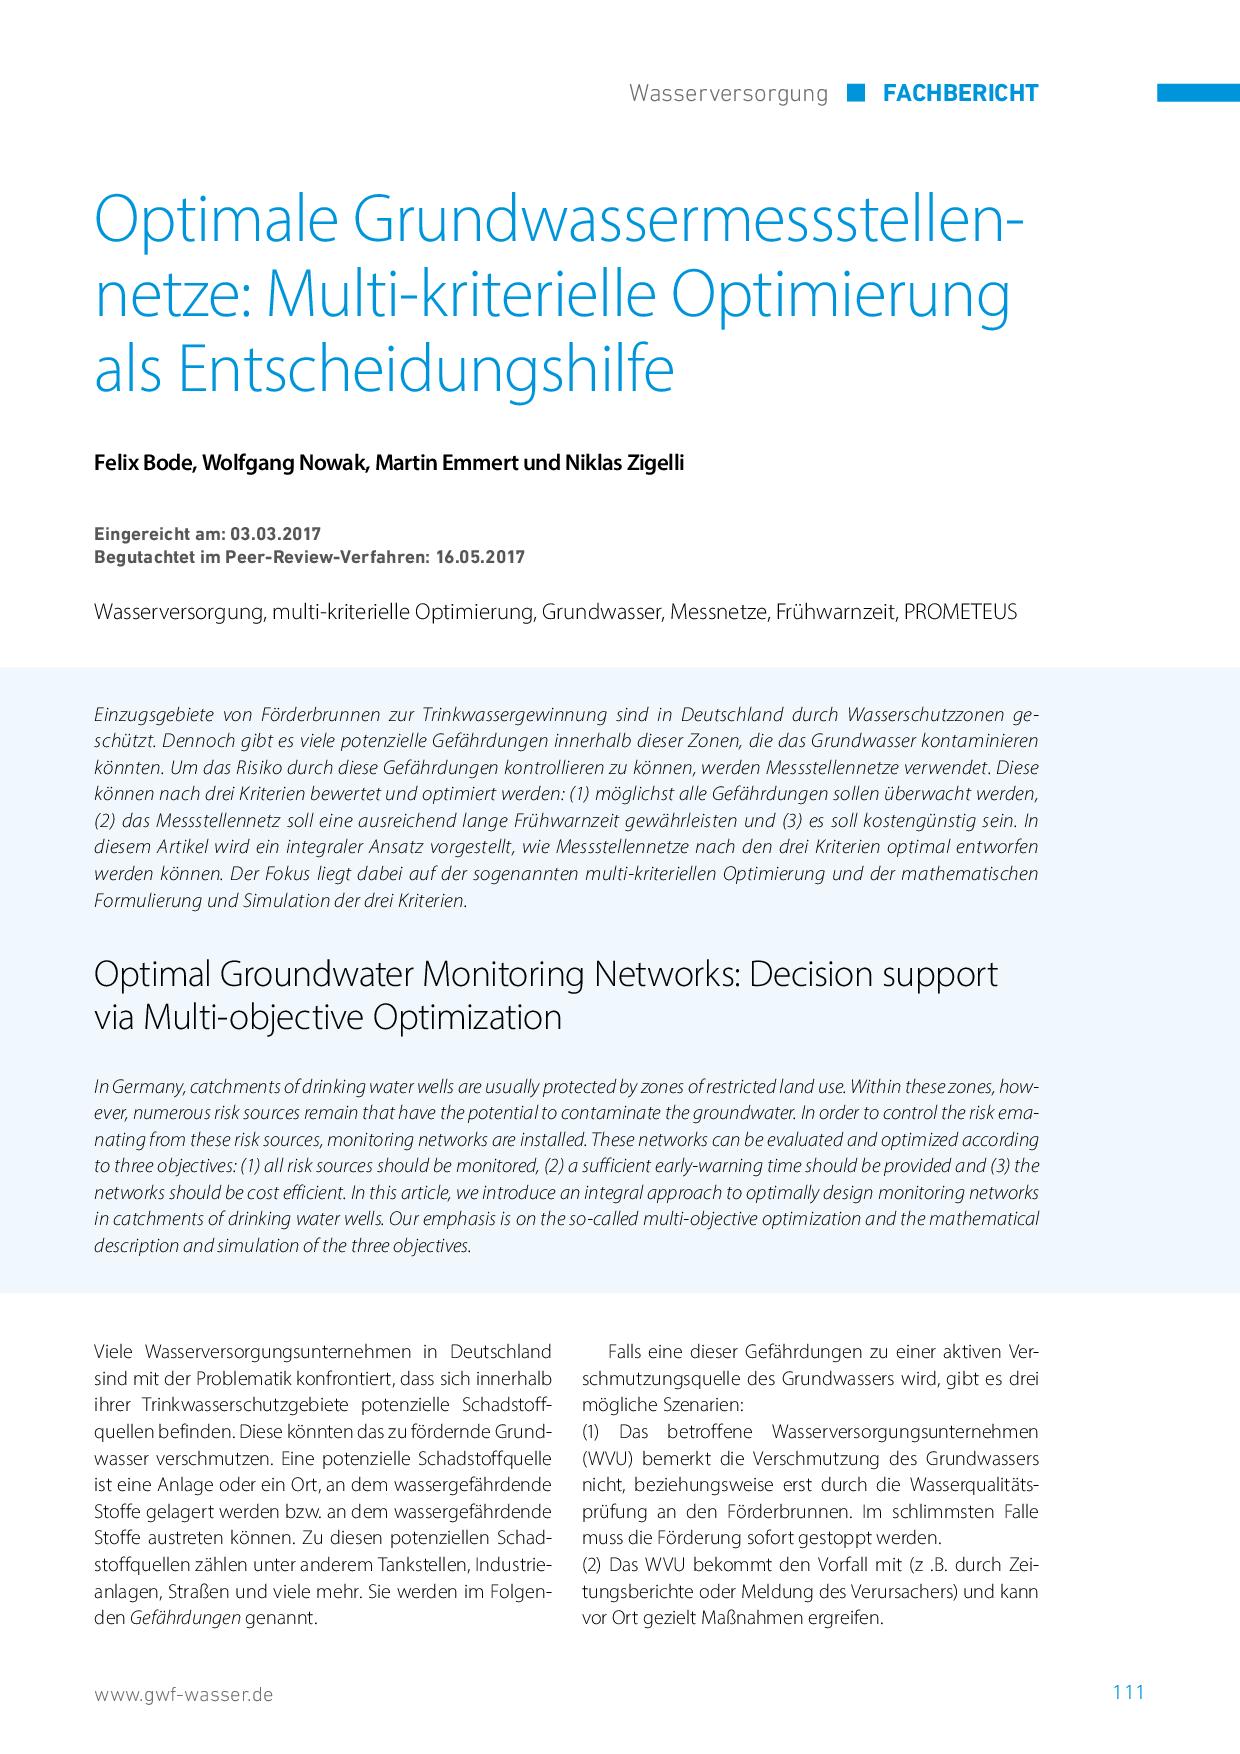 Optimale Grundwassermessstellennetze: Multi-kriterielle Optimierung als Entscheidungshilfe